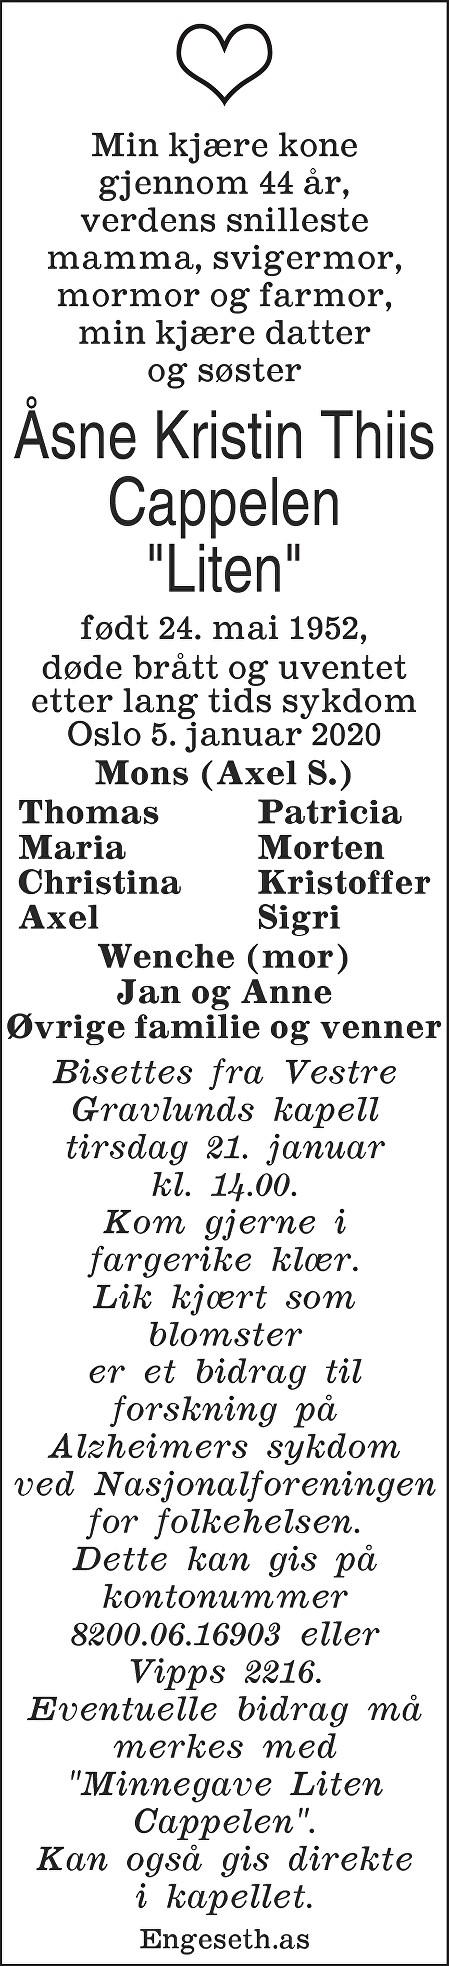 """Åsne Kristin Thiis Cappelen """"Liten"""" Dødsannonse"""